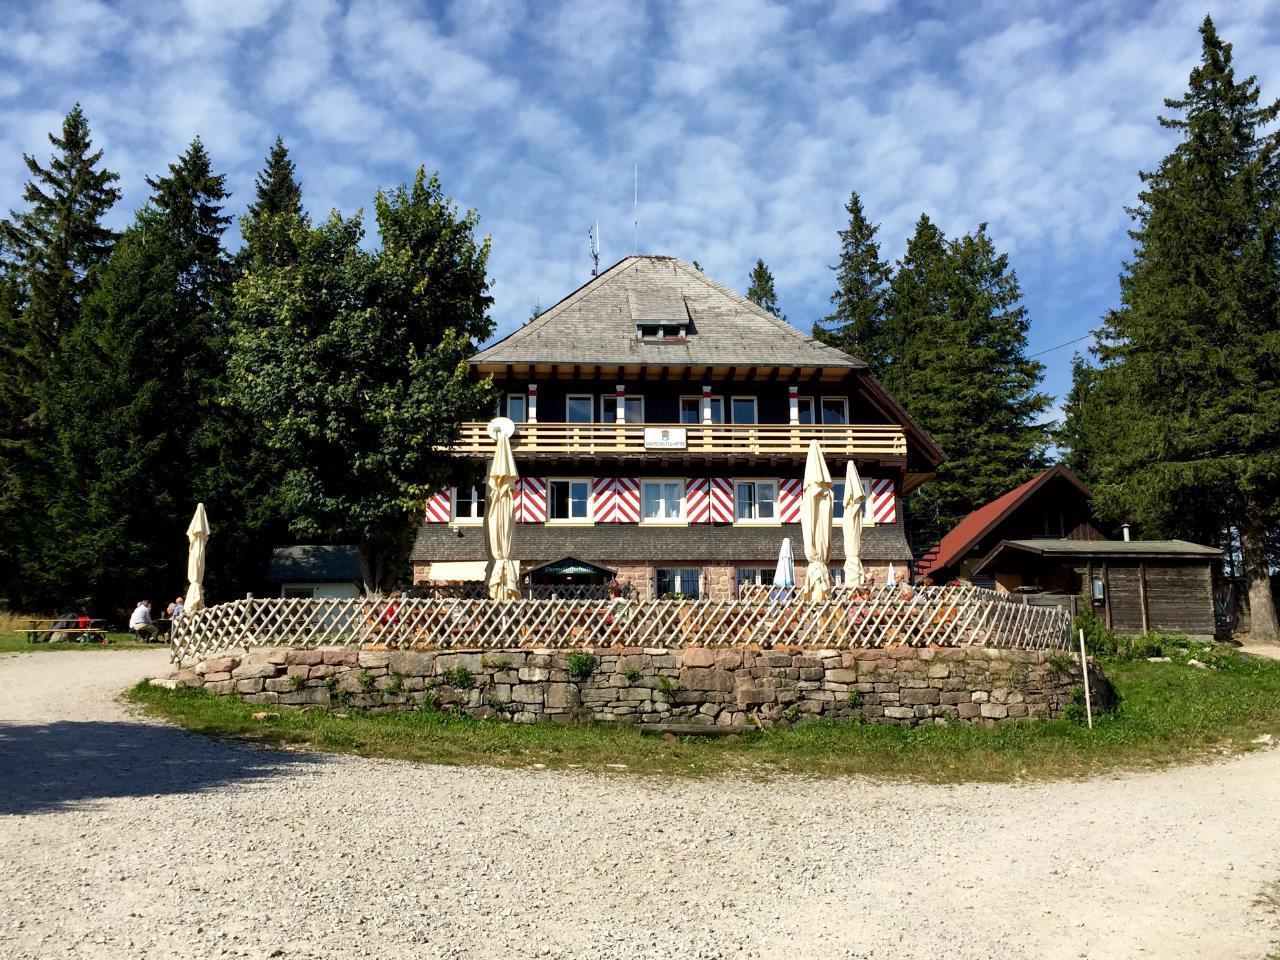 Ferienwohnung Appartementhaus Wiesengrund - Fewo 4 (402831), Baiersbronn, Schwarzwald, Baden-Württemberg, Deutschland, Bild 15